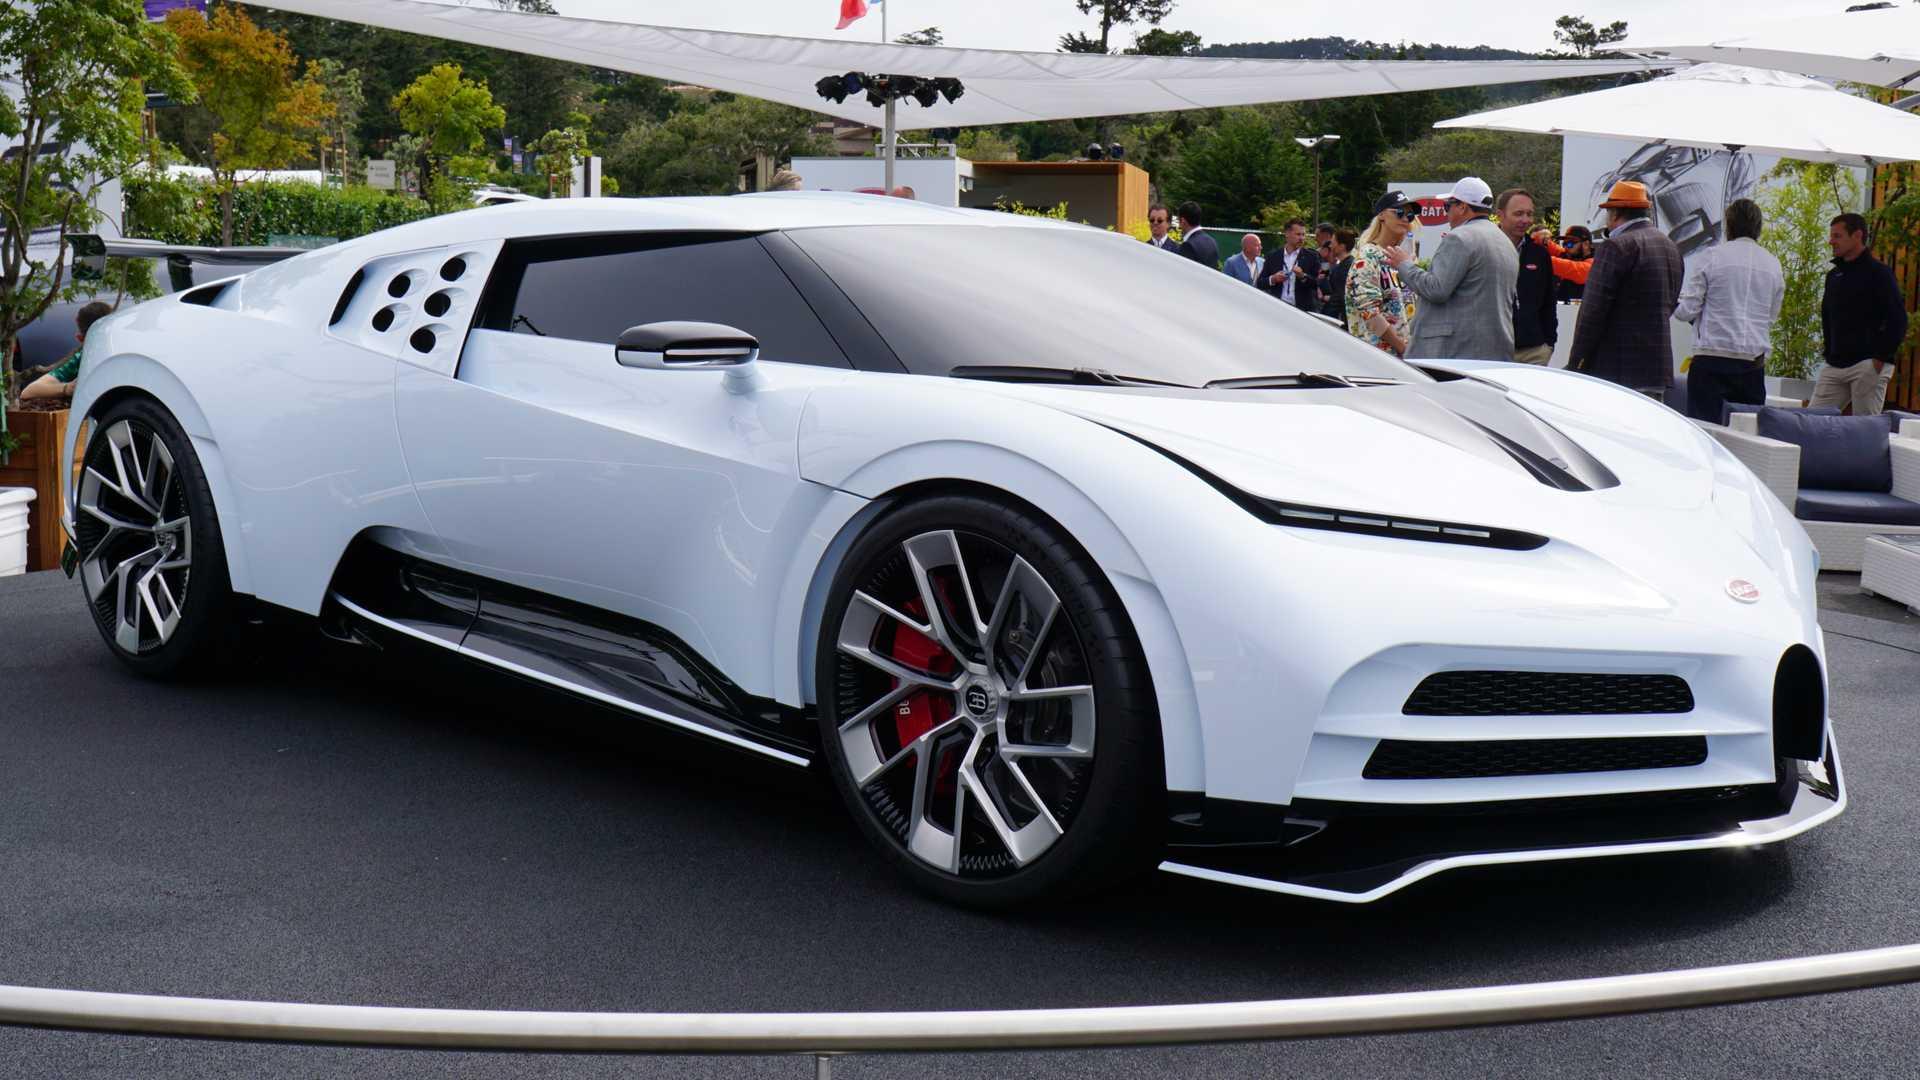 Ce preț are noul Bugatti Centodieci, scos recent la vânzare în doar 10 exemplare. Bugatti Centodieci